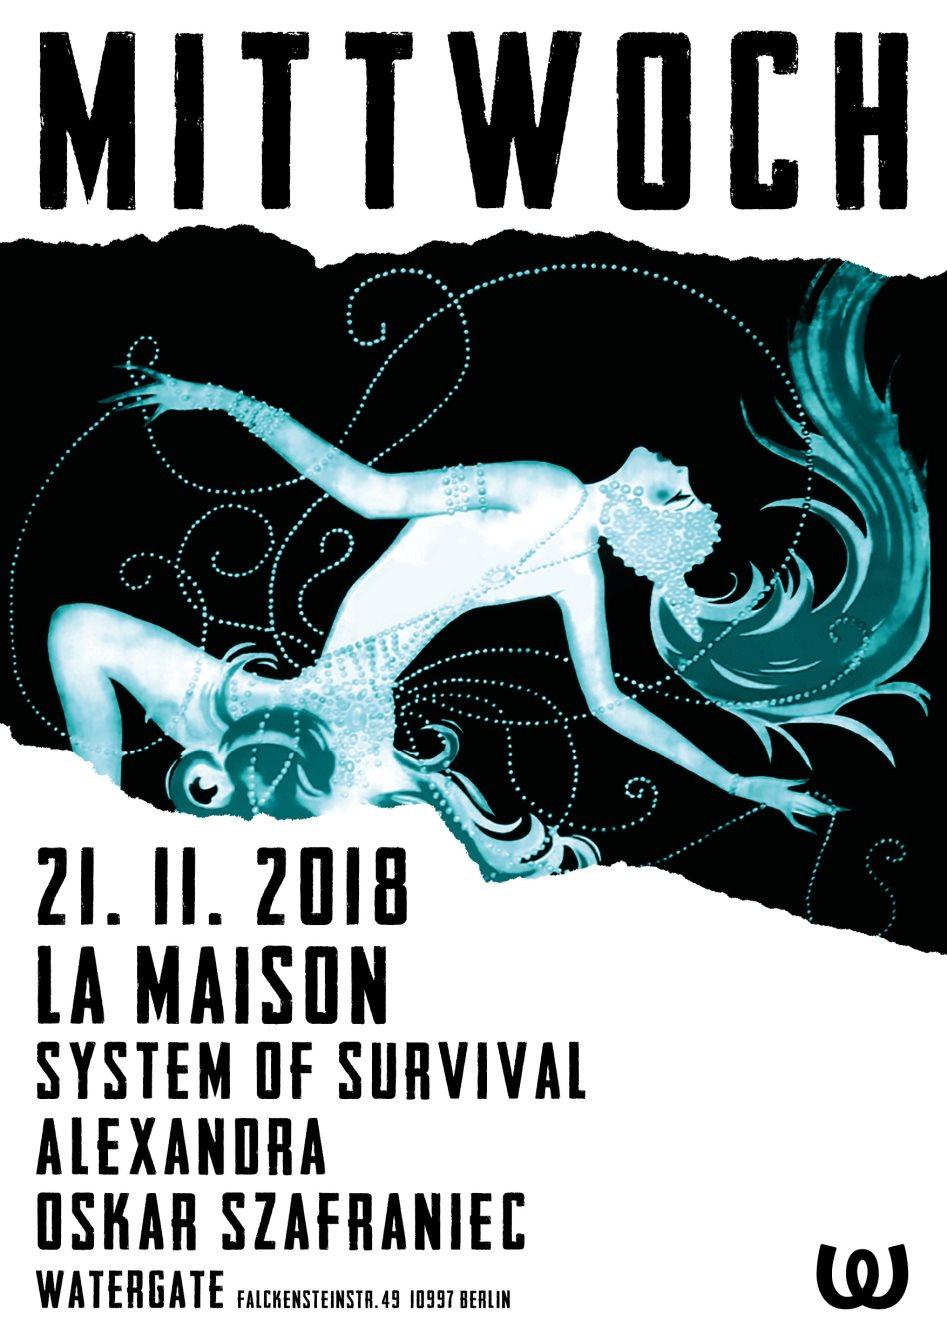 La Maison: System of Survival, Alexandra, Oskar Szafraniec - Flyer front